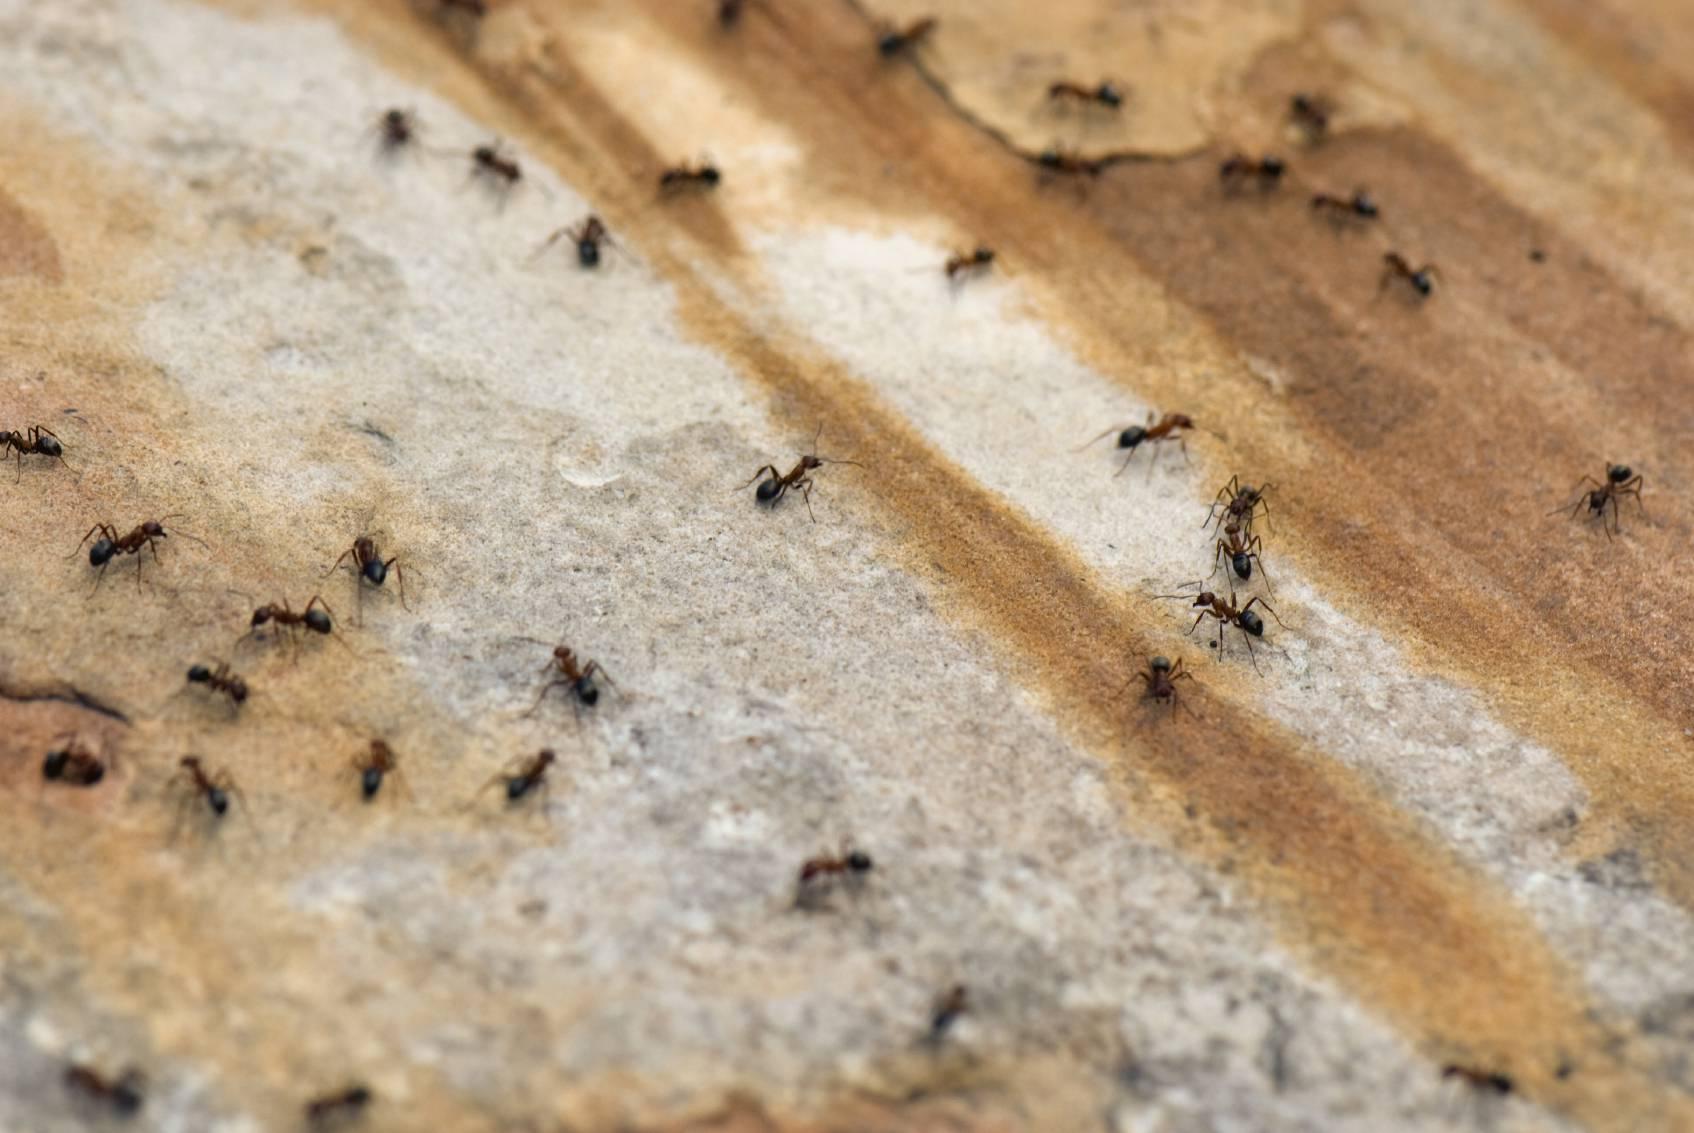 Rimedi naturali per allontanare le formiche da casa - Rimedi per le formiche in casa ...